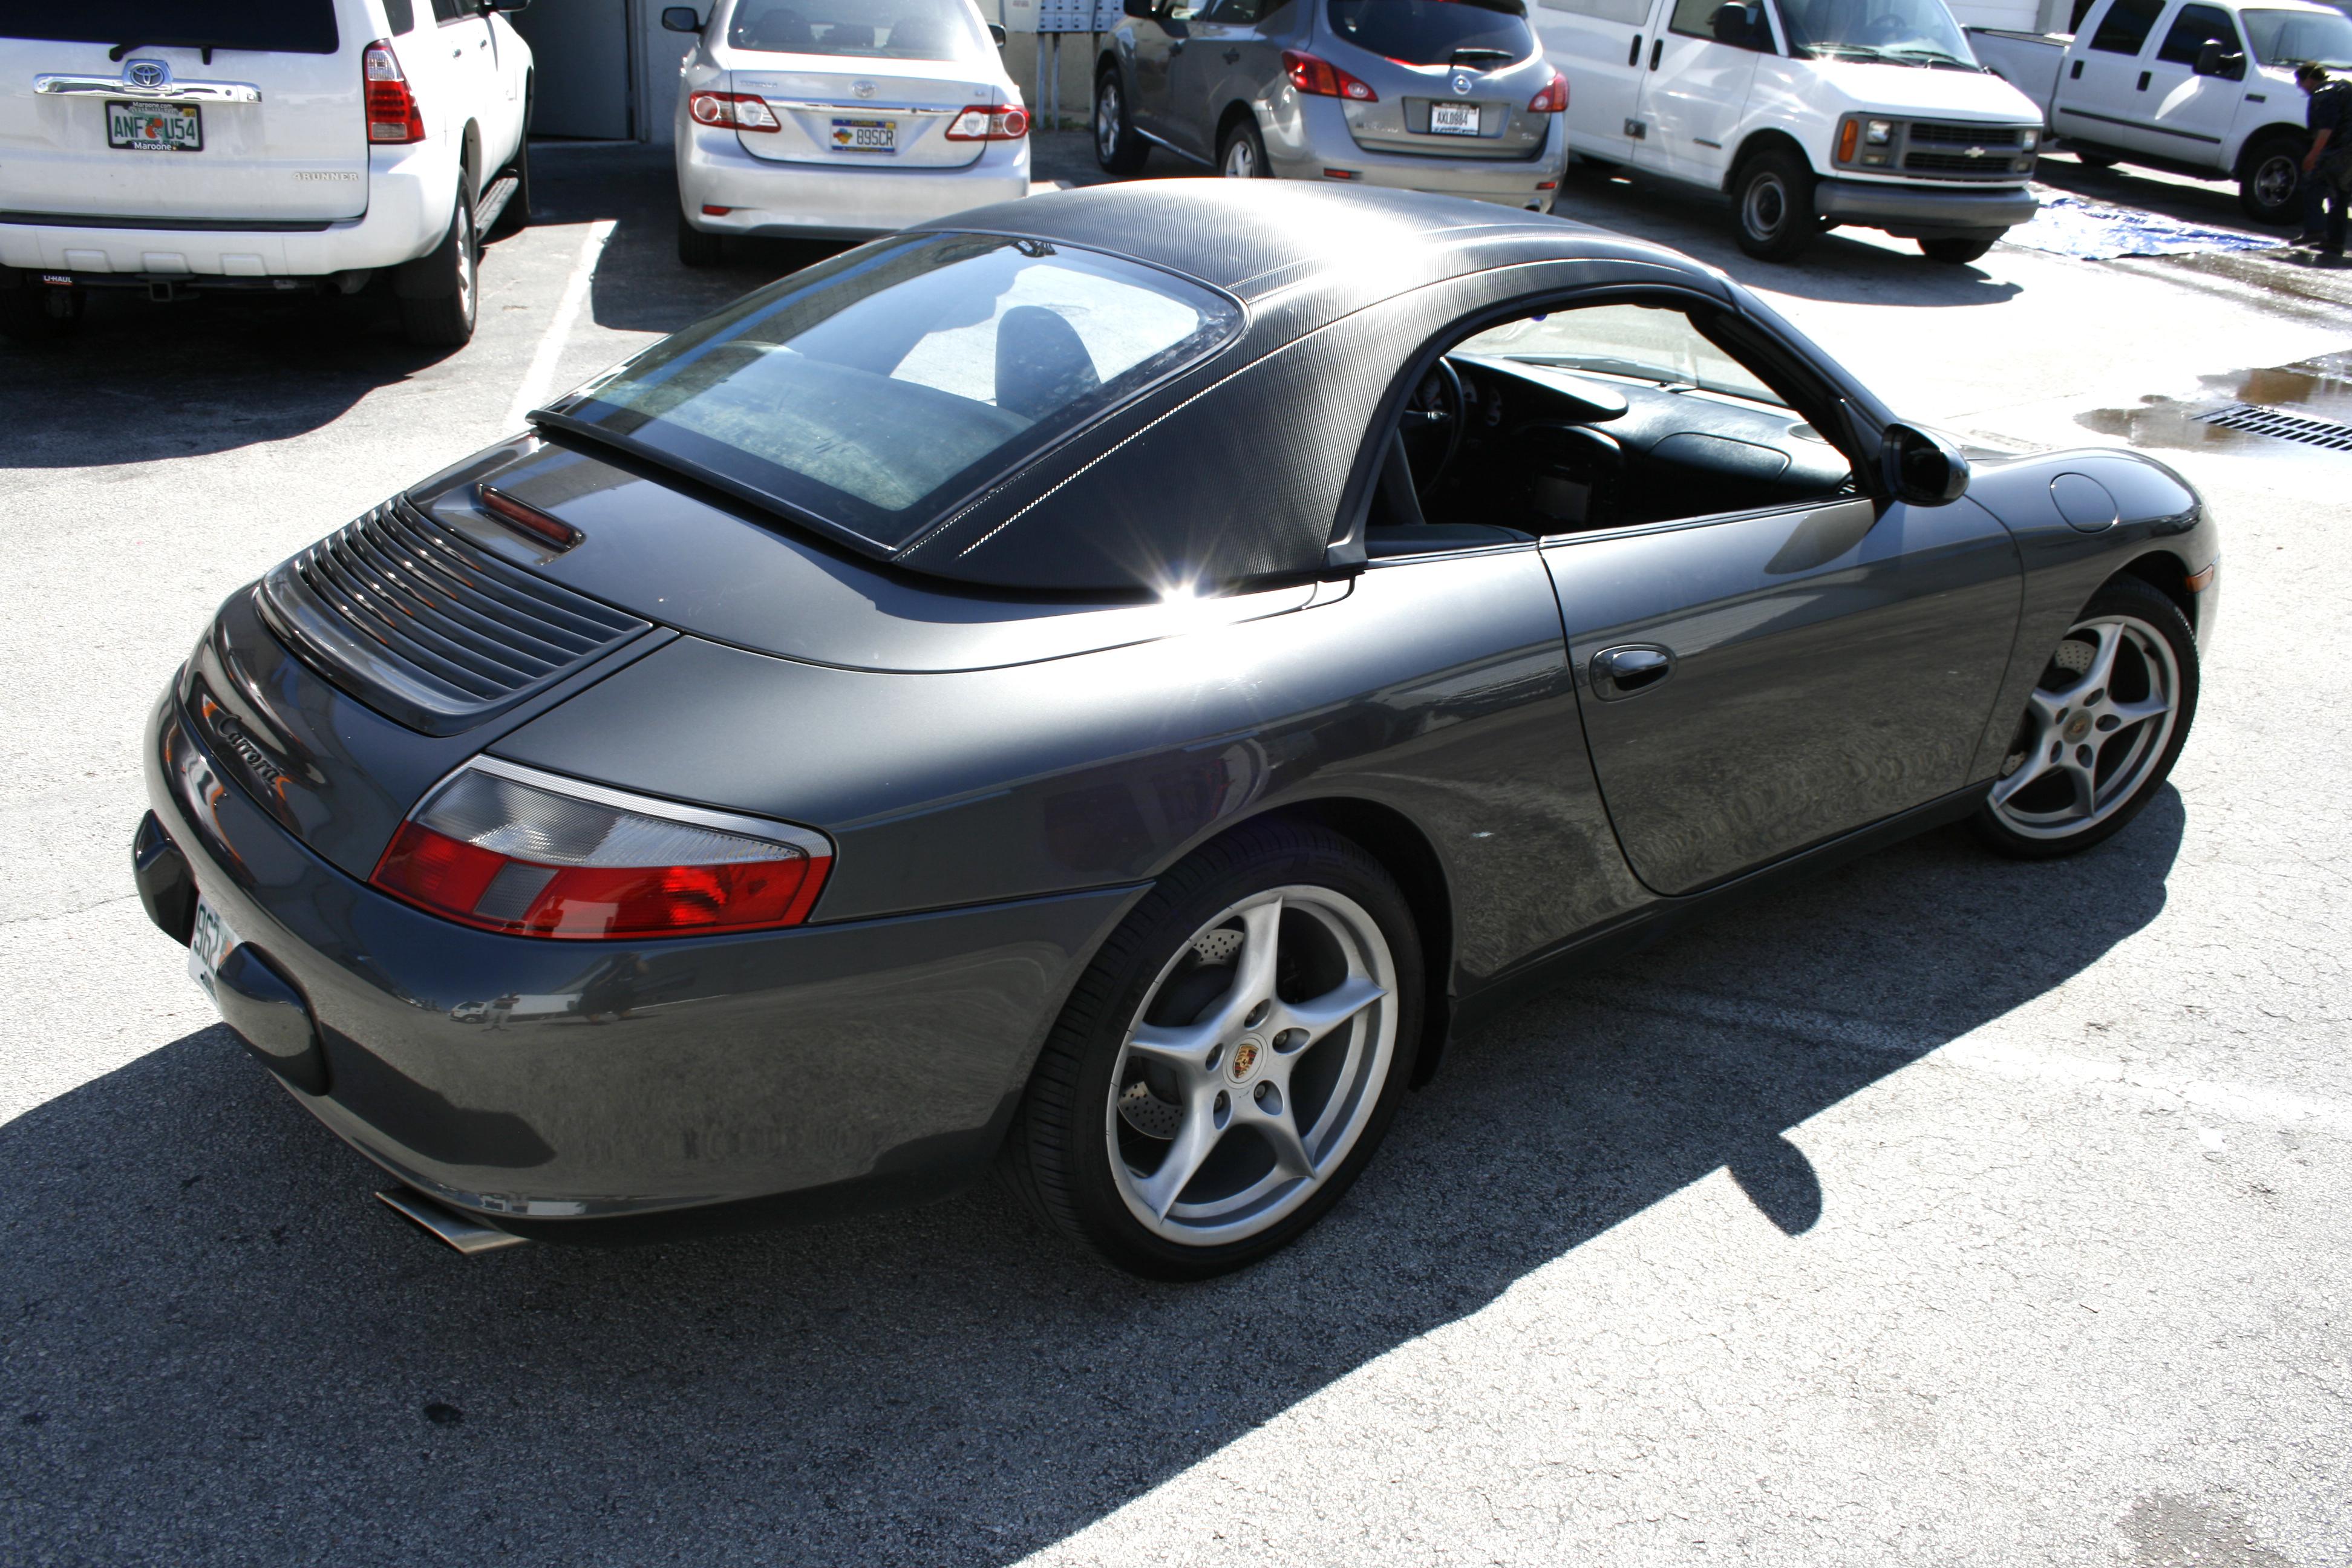 Porsche 911 Carbon Fiber Roof Hardtop Vinyl Wrap Miami Florida